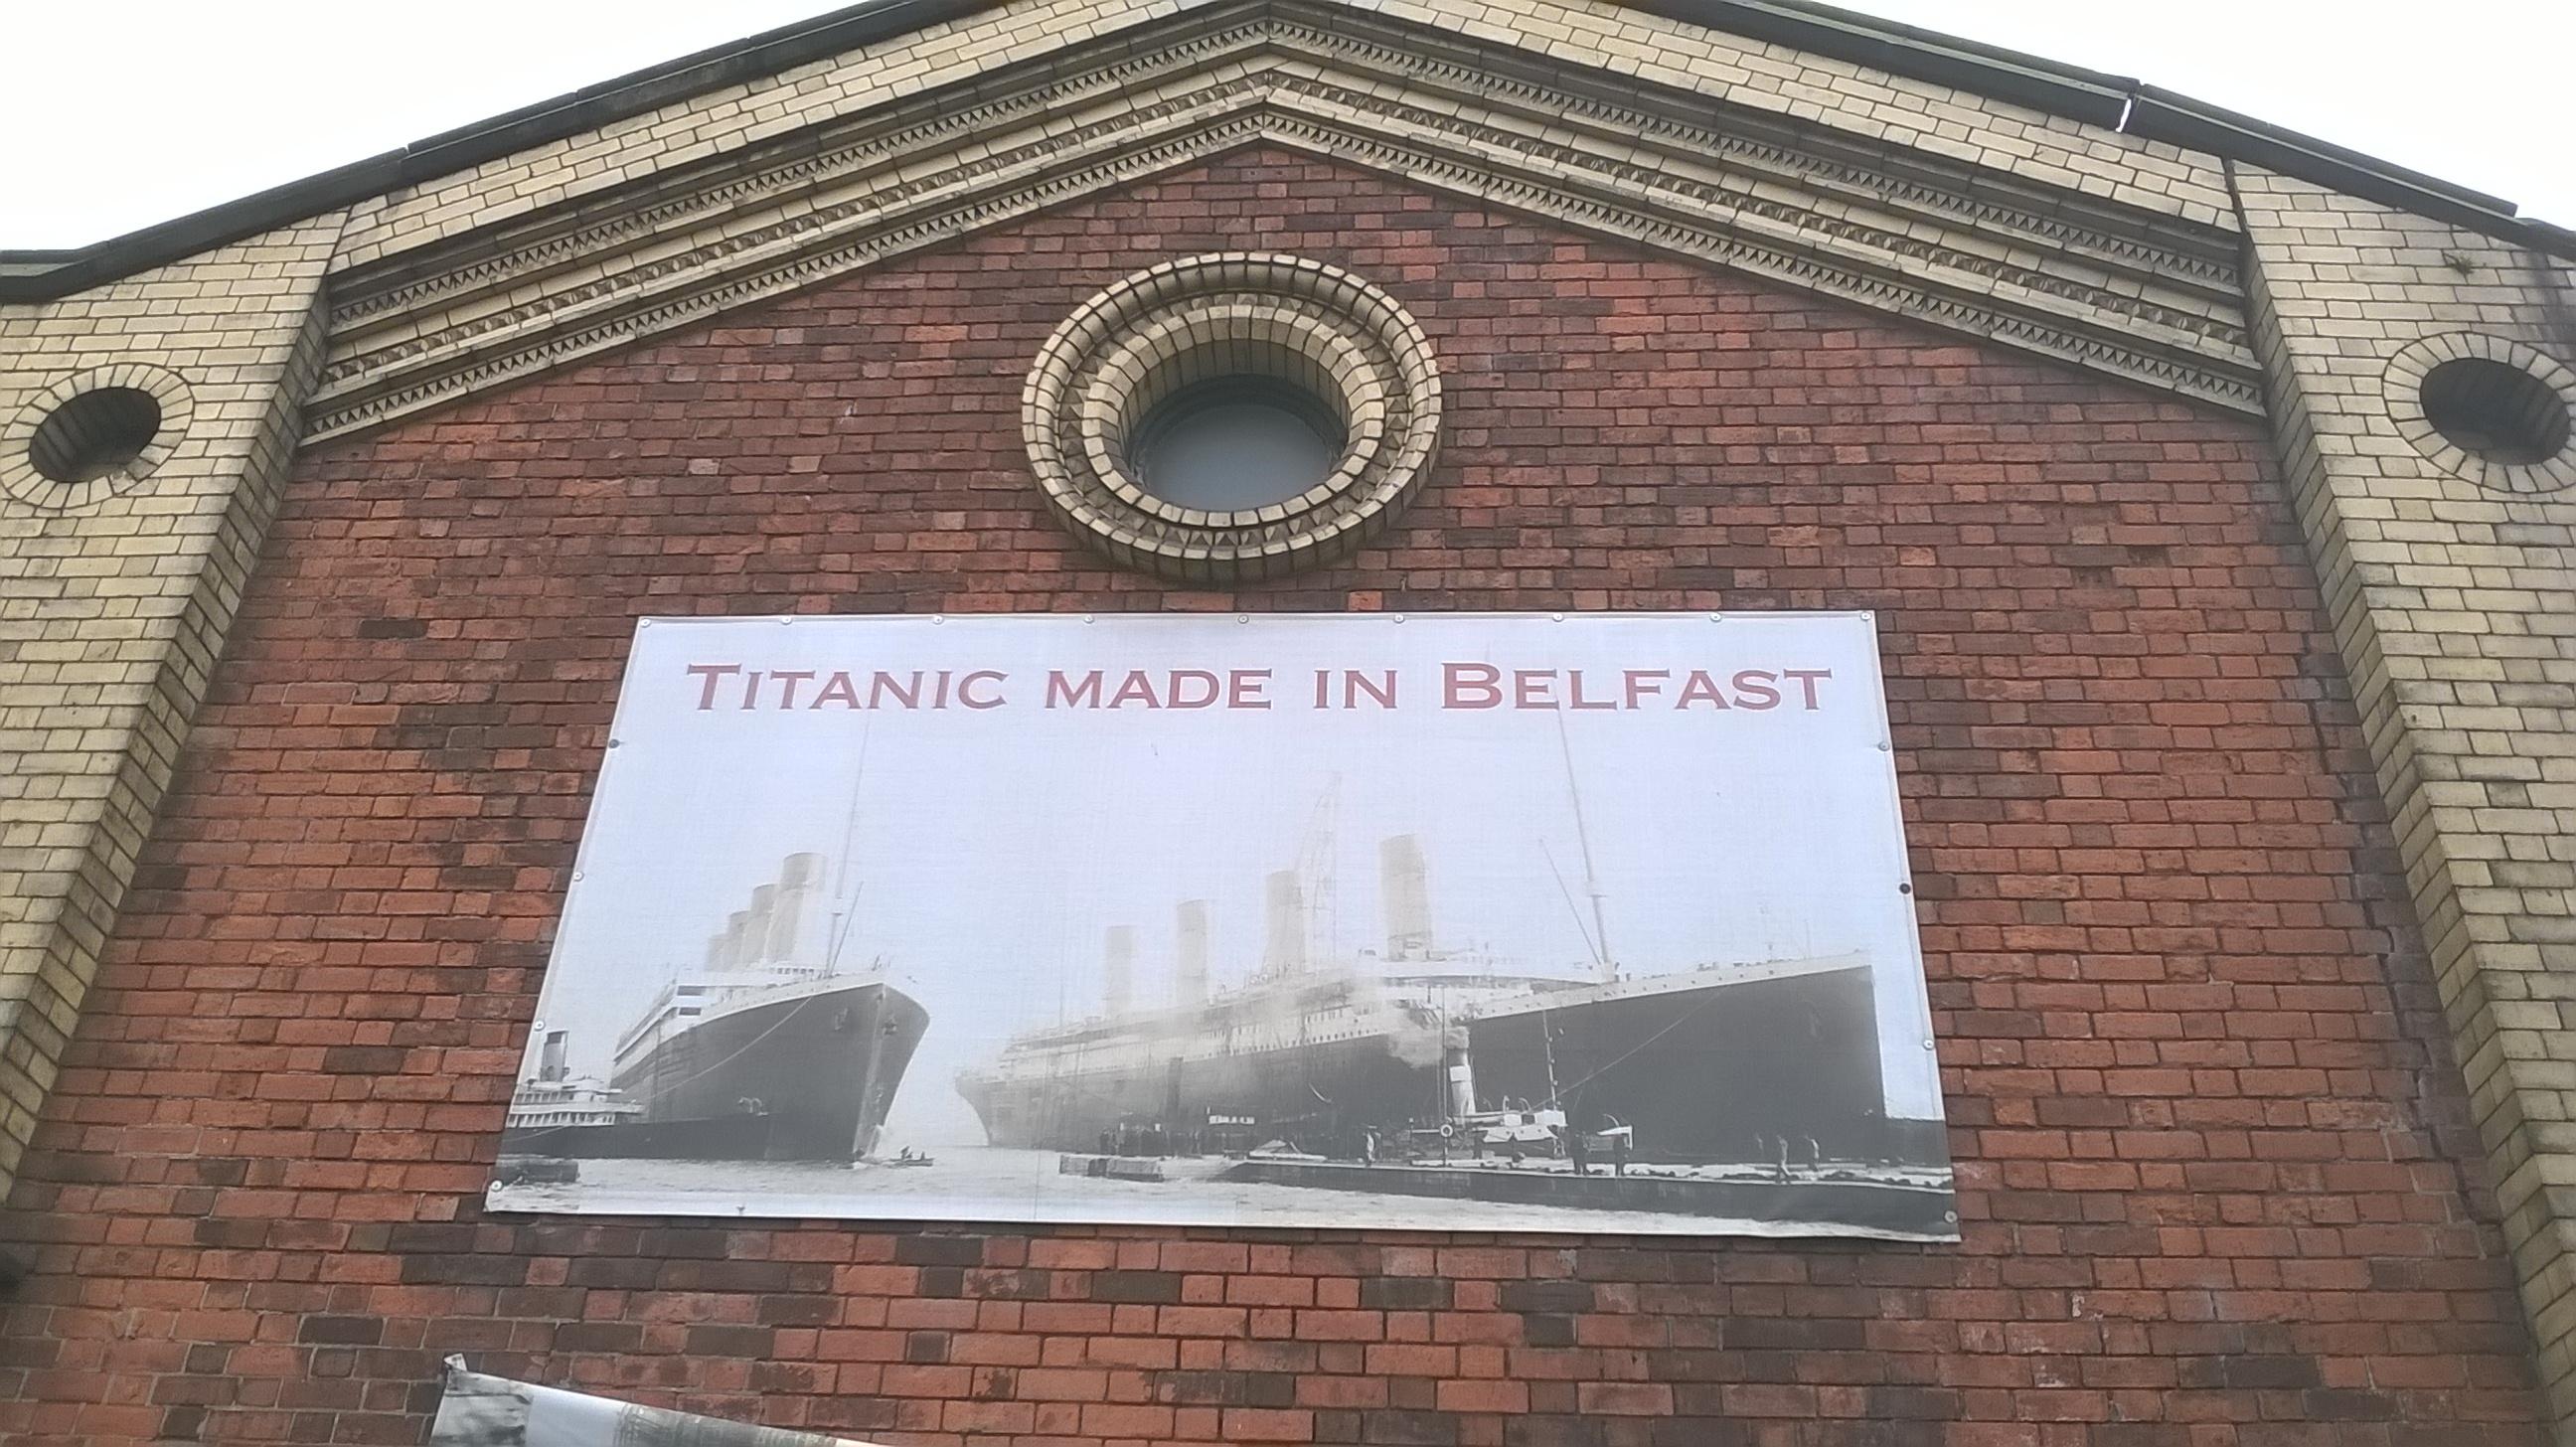 Belfast, no worries no more troubles